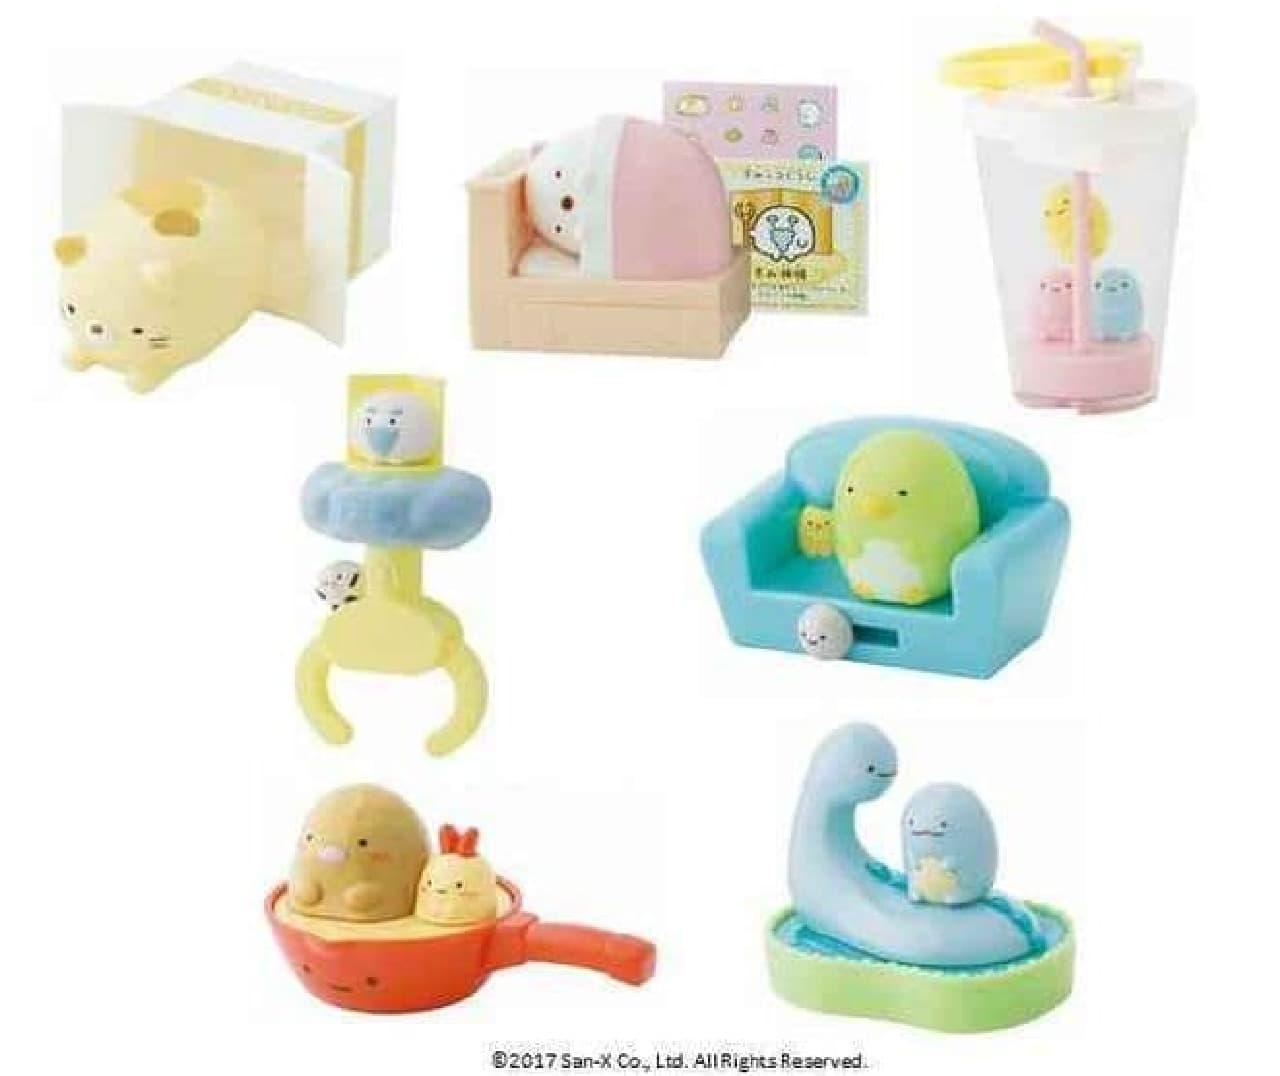 ハッピーセット初登場の「すみっコぐらし」では、仕掛け付きのおもちゃが全7種類が登場